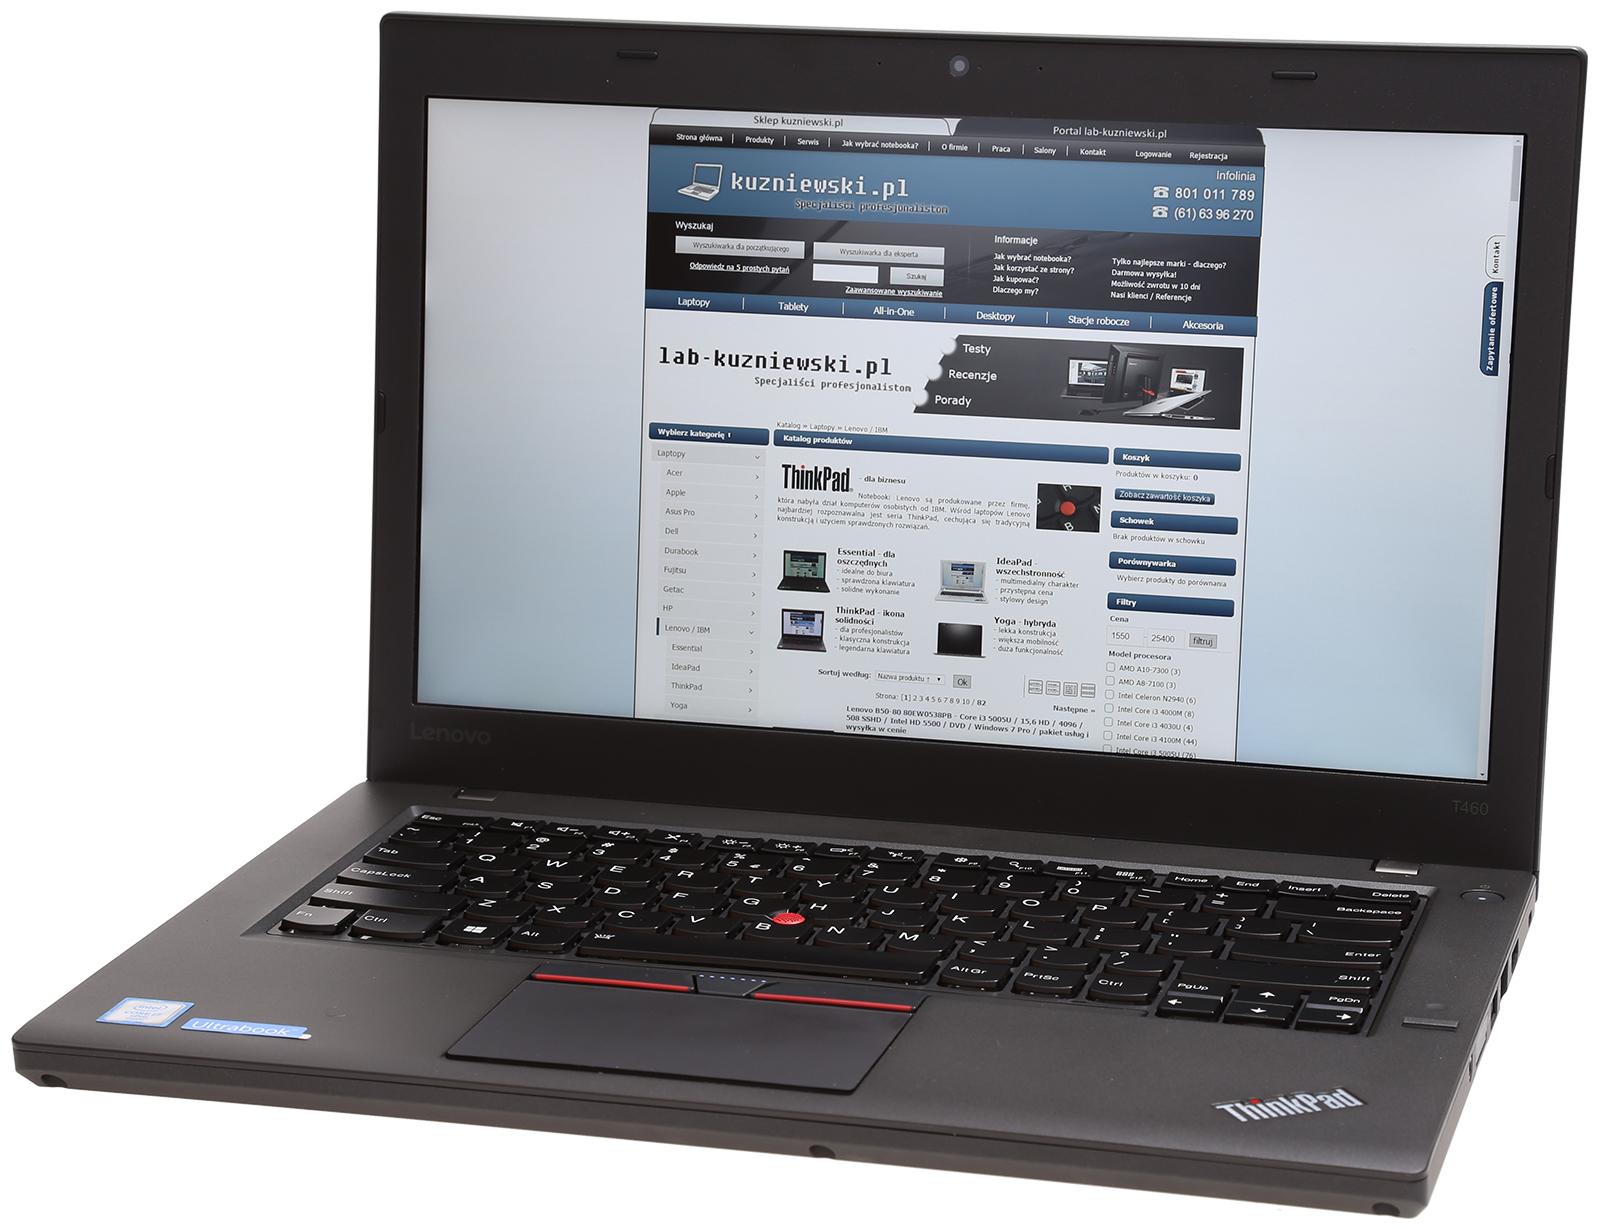 Notebook biznesowy ma zazwyczaj to do siebie, że jest doskonale wykonany, drogi i oczywiście podnosi prestiż posiadacza